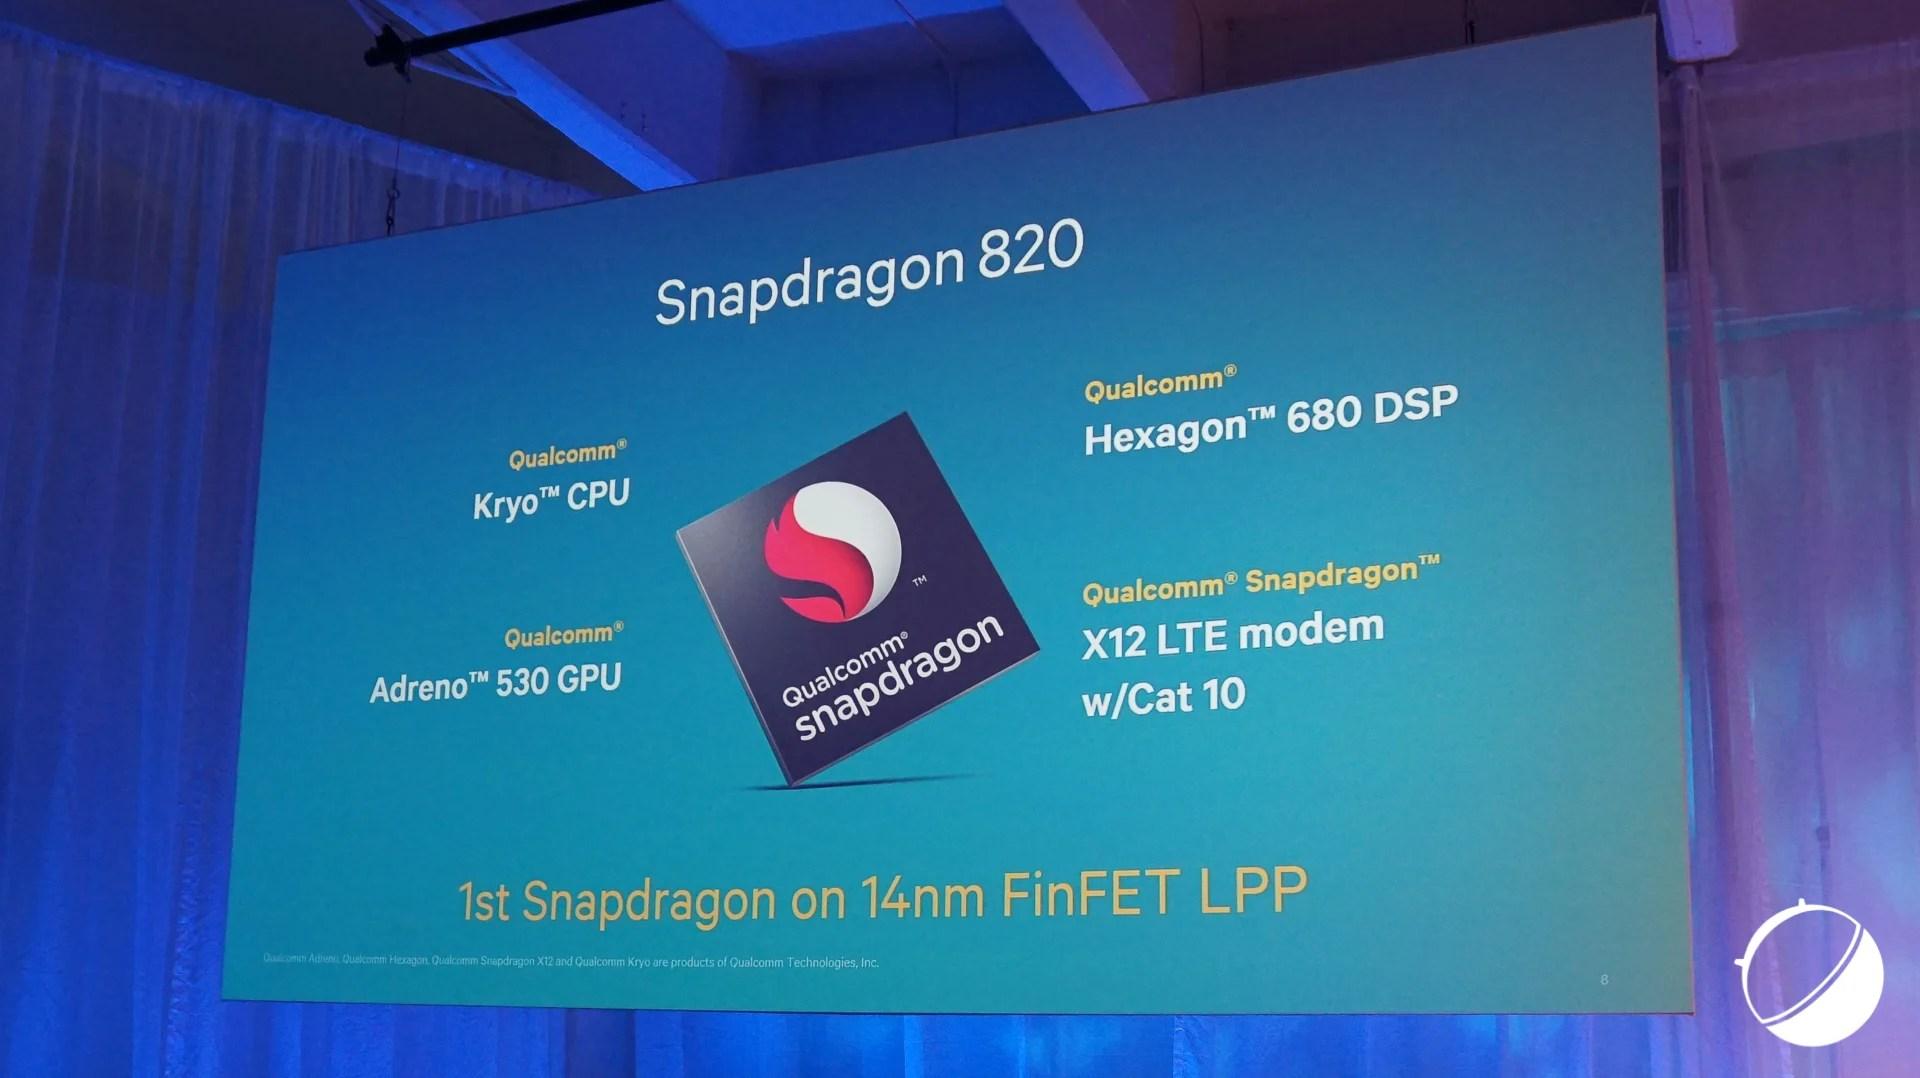 Le Snapdragon 820 devrait équiper plus de 115 produits